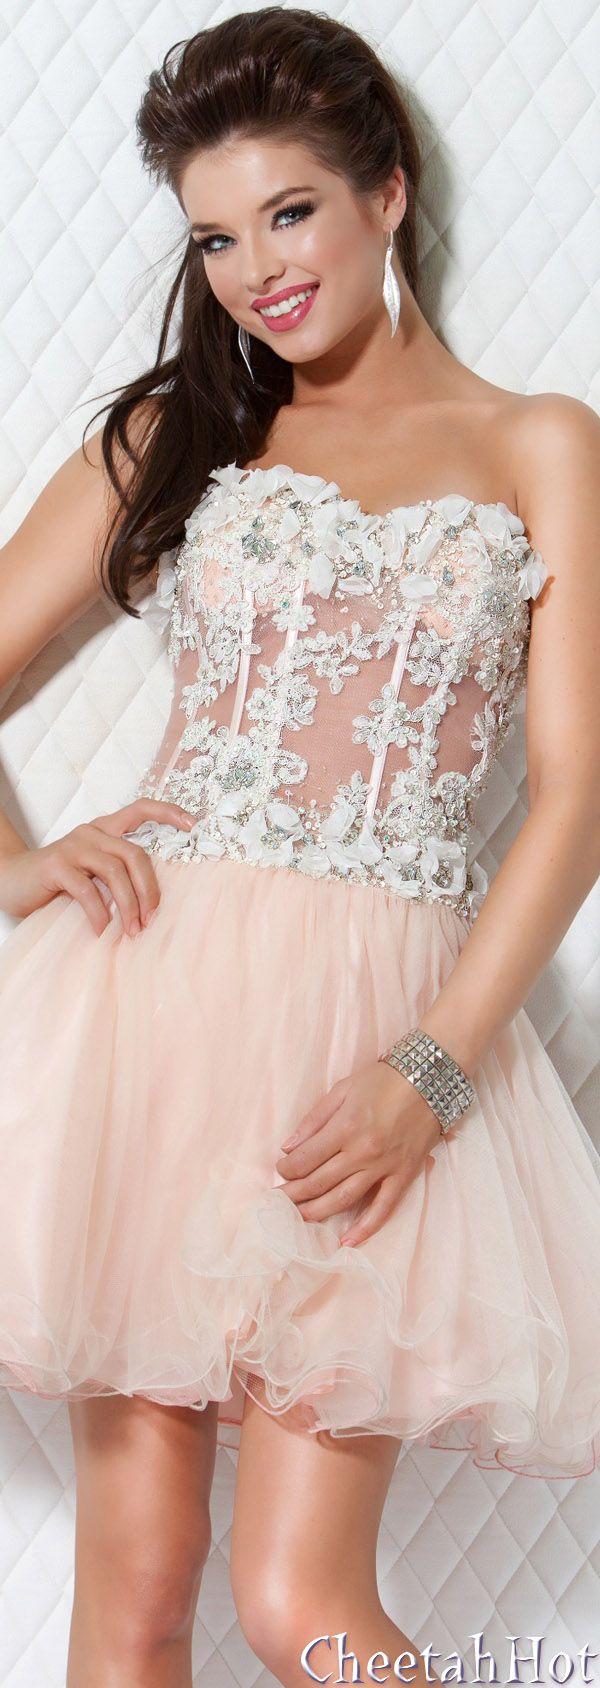 best dresses images on pinterest cute dresses party dresses